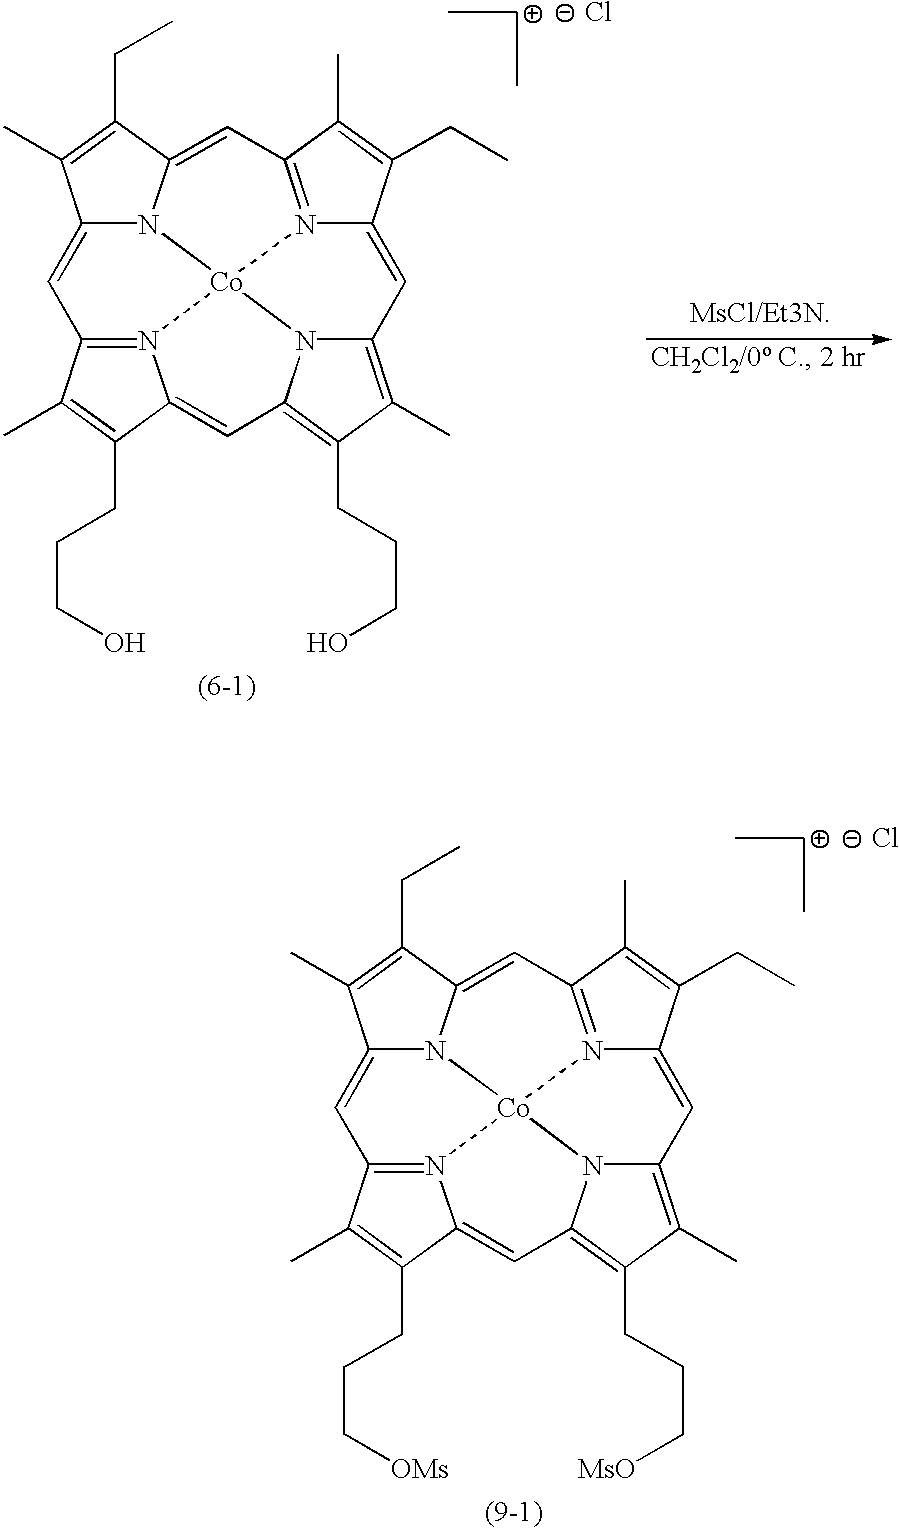 Figure US20020165216A1-20021107-C00020